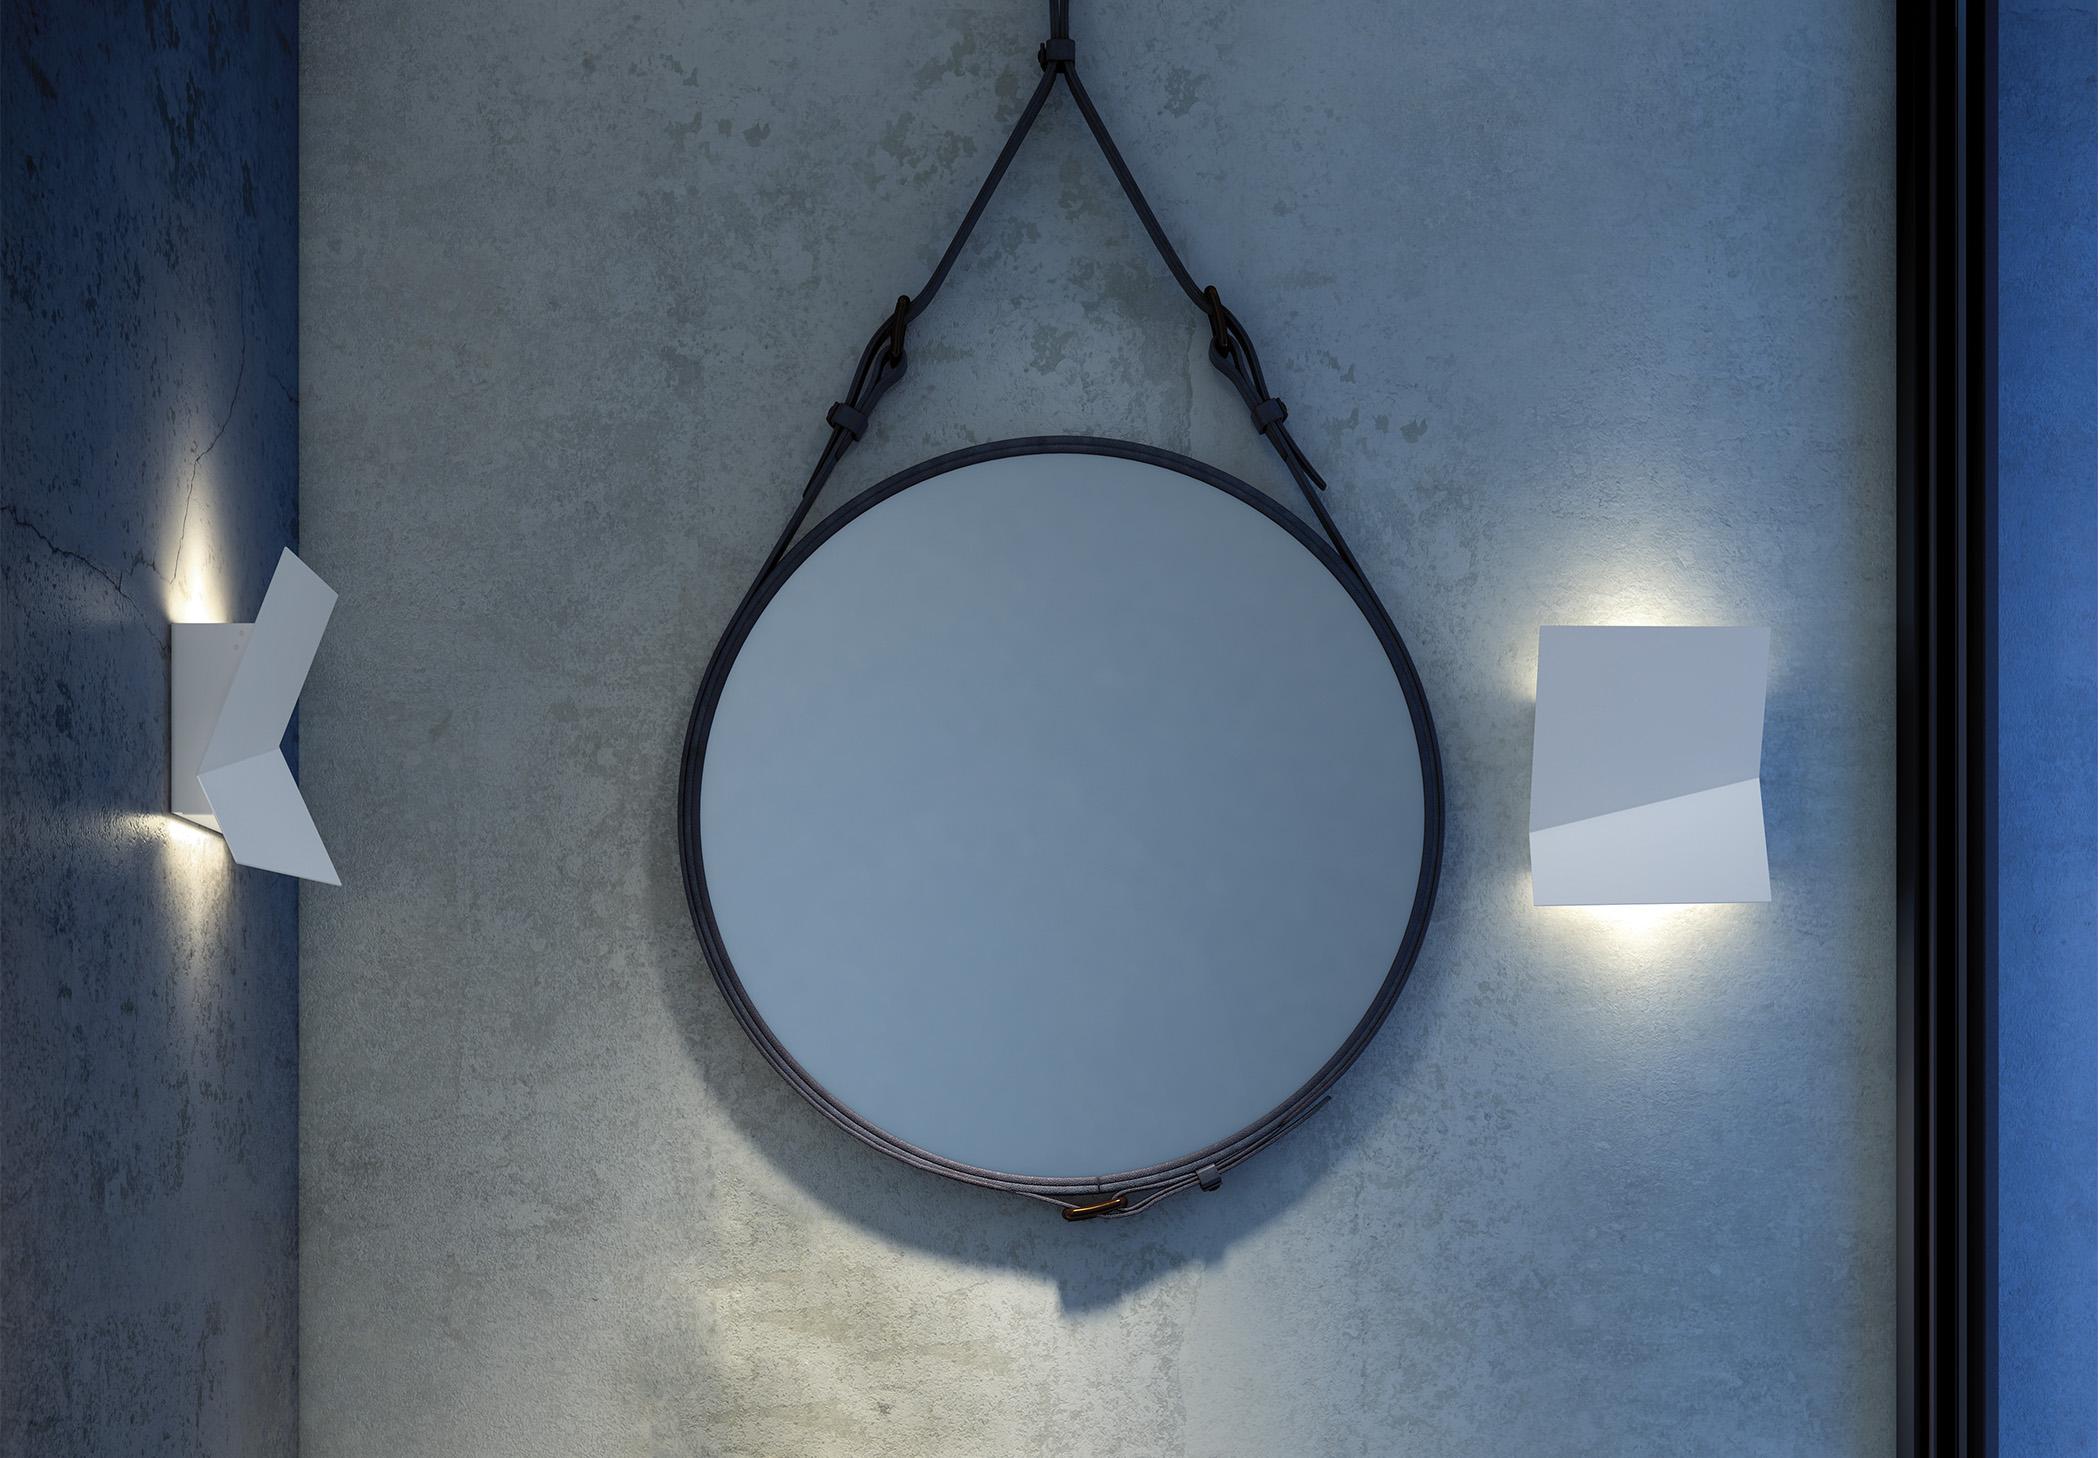 Piu A 3320l Wall Lamp Estiluz Image Ambient 01 1